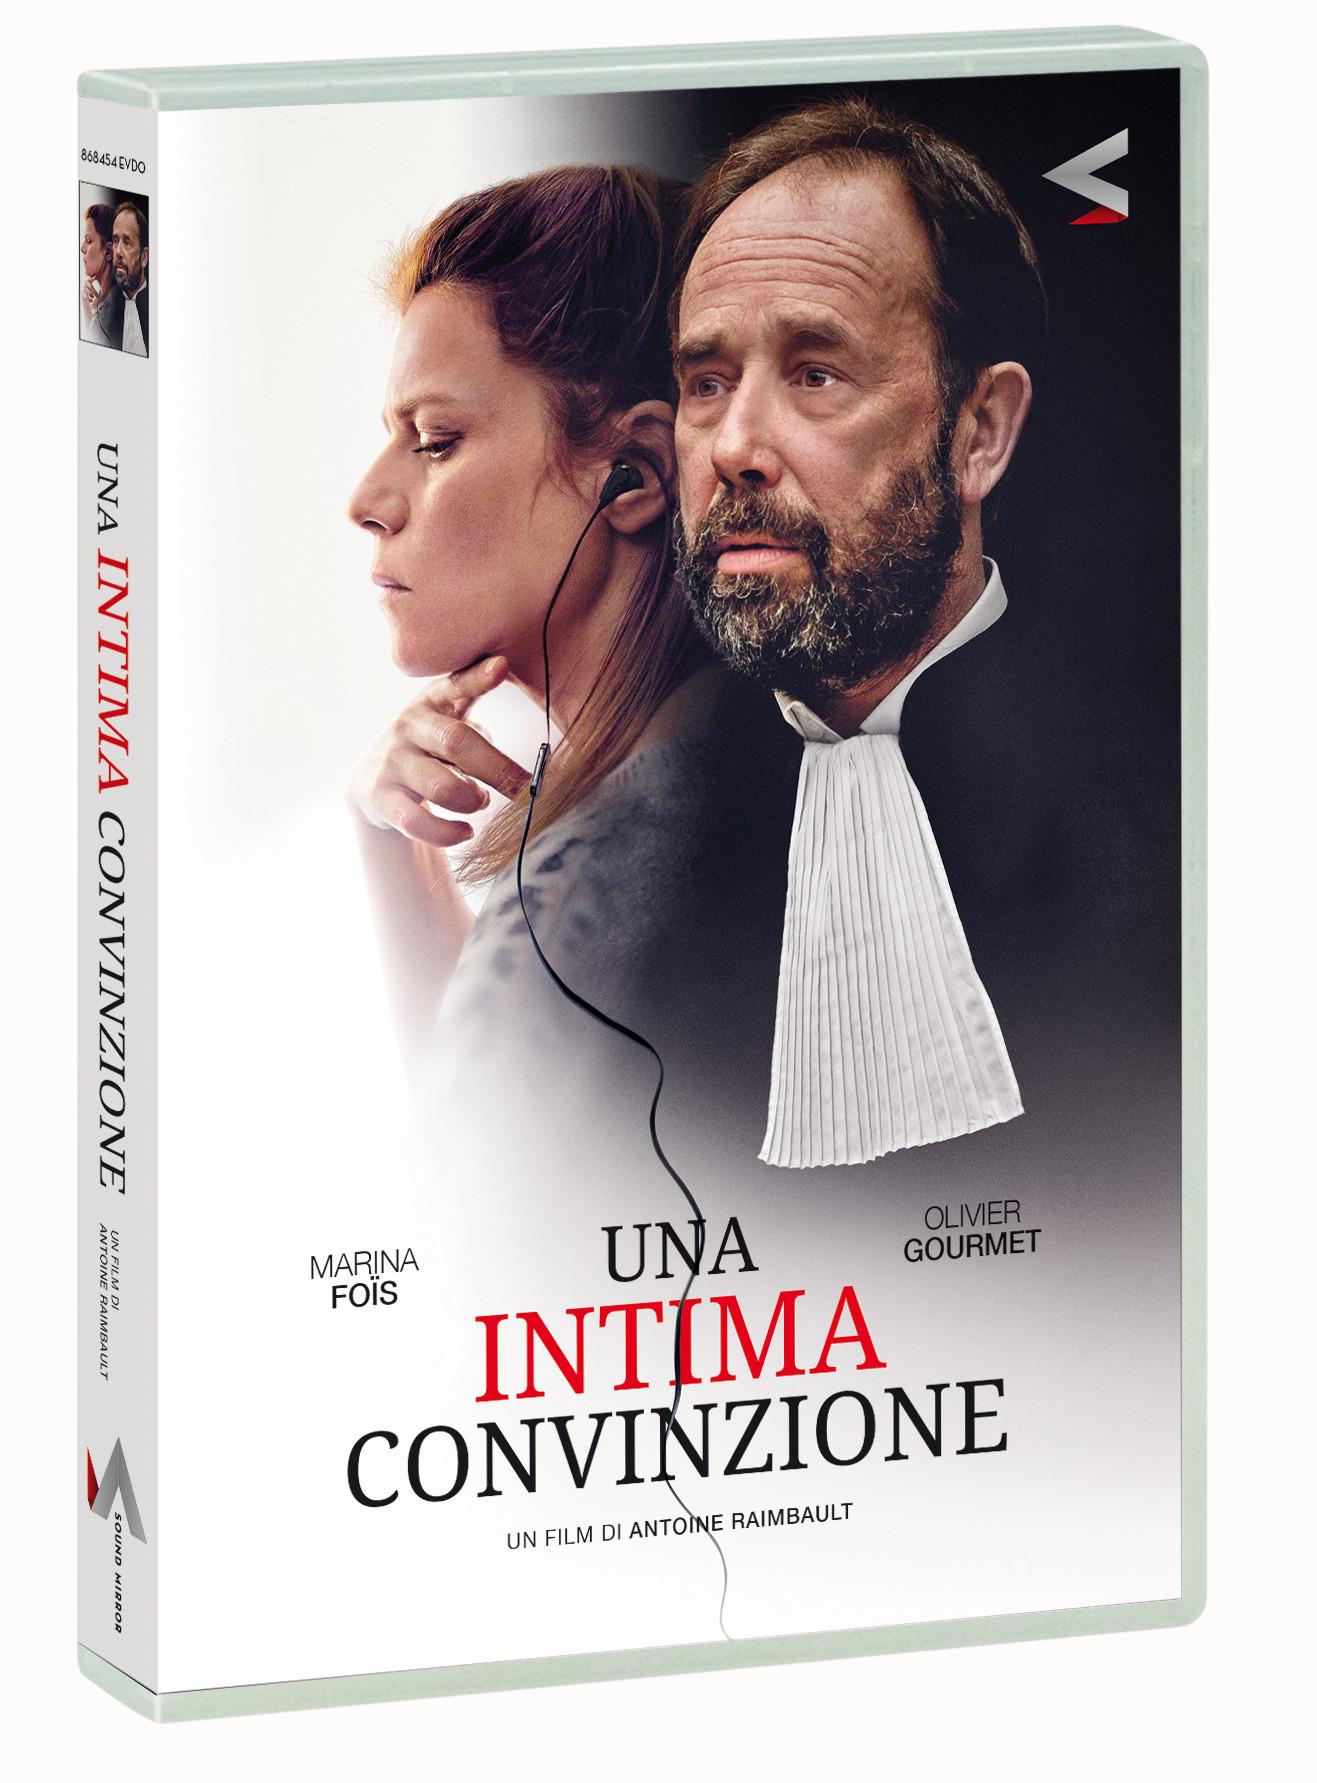 UNA INTIMA CONVINZIONE (DVD)